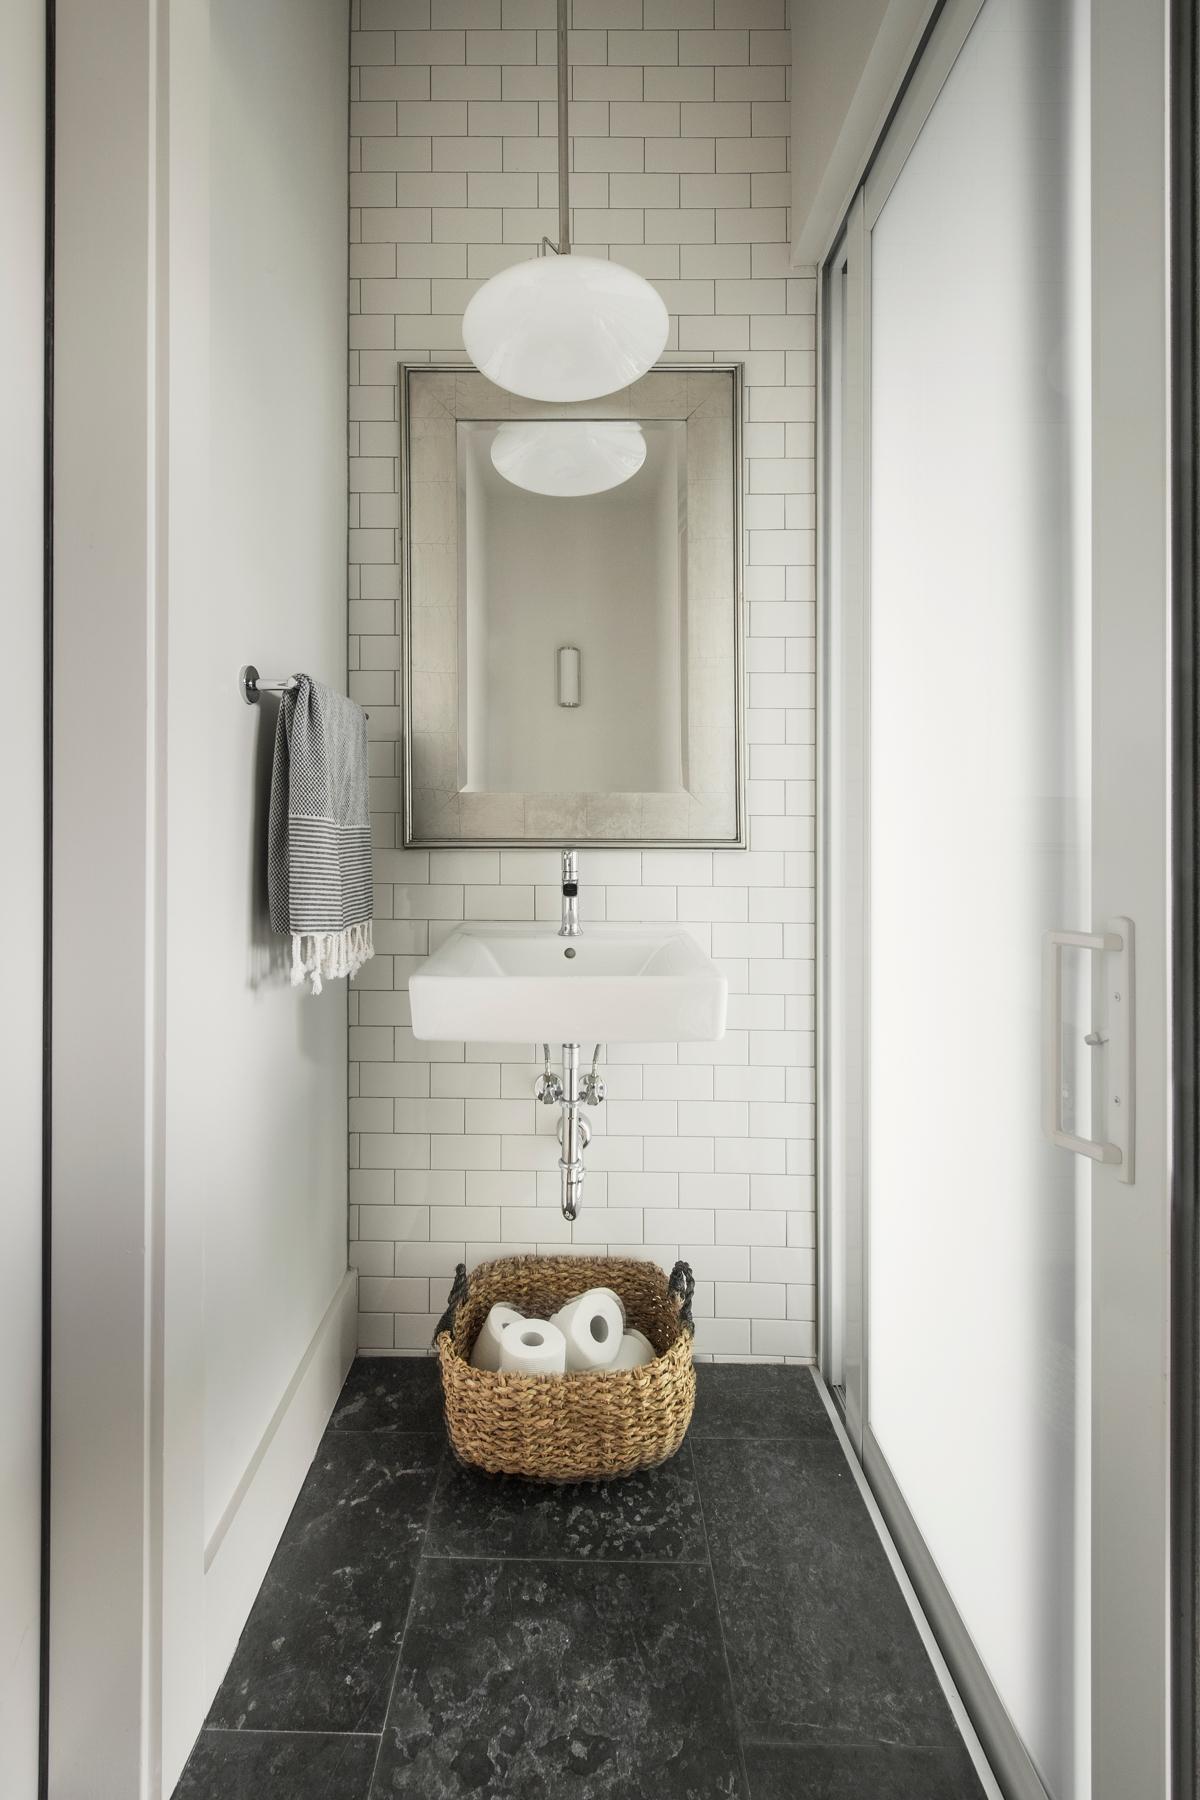 Urban Farmhouse bathroom by Brianna Michelle Design